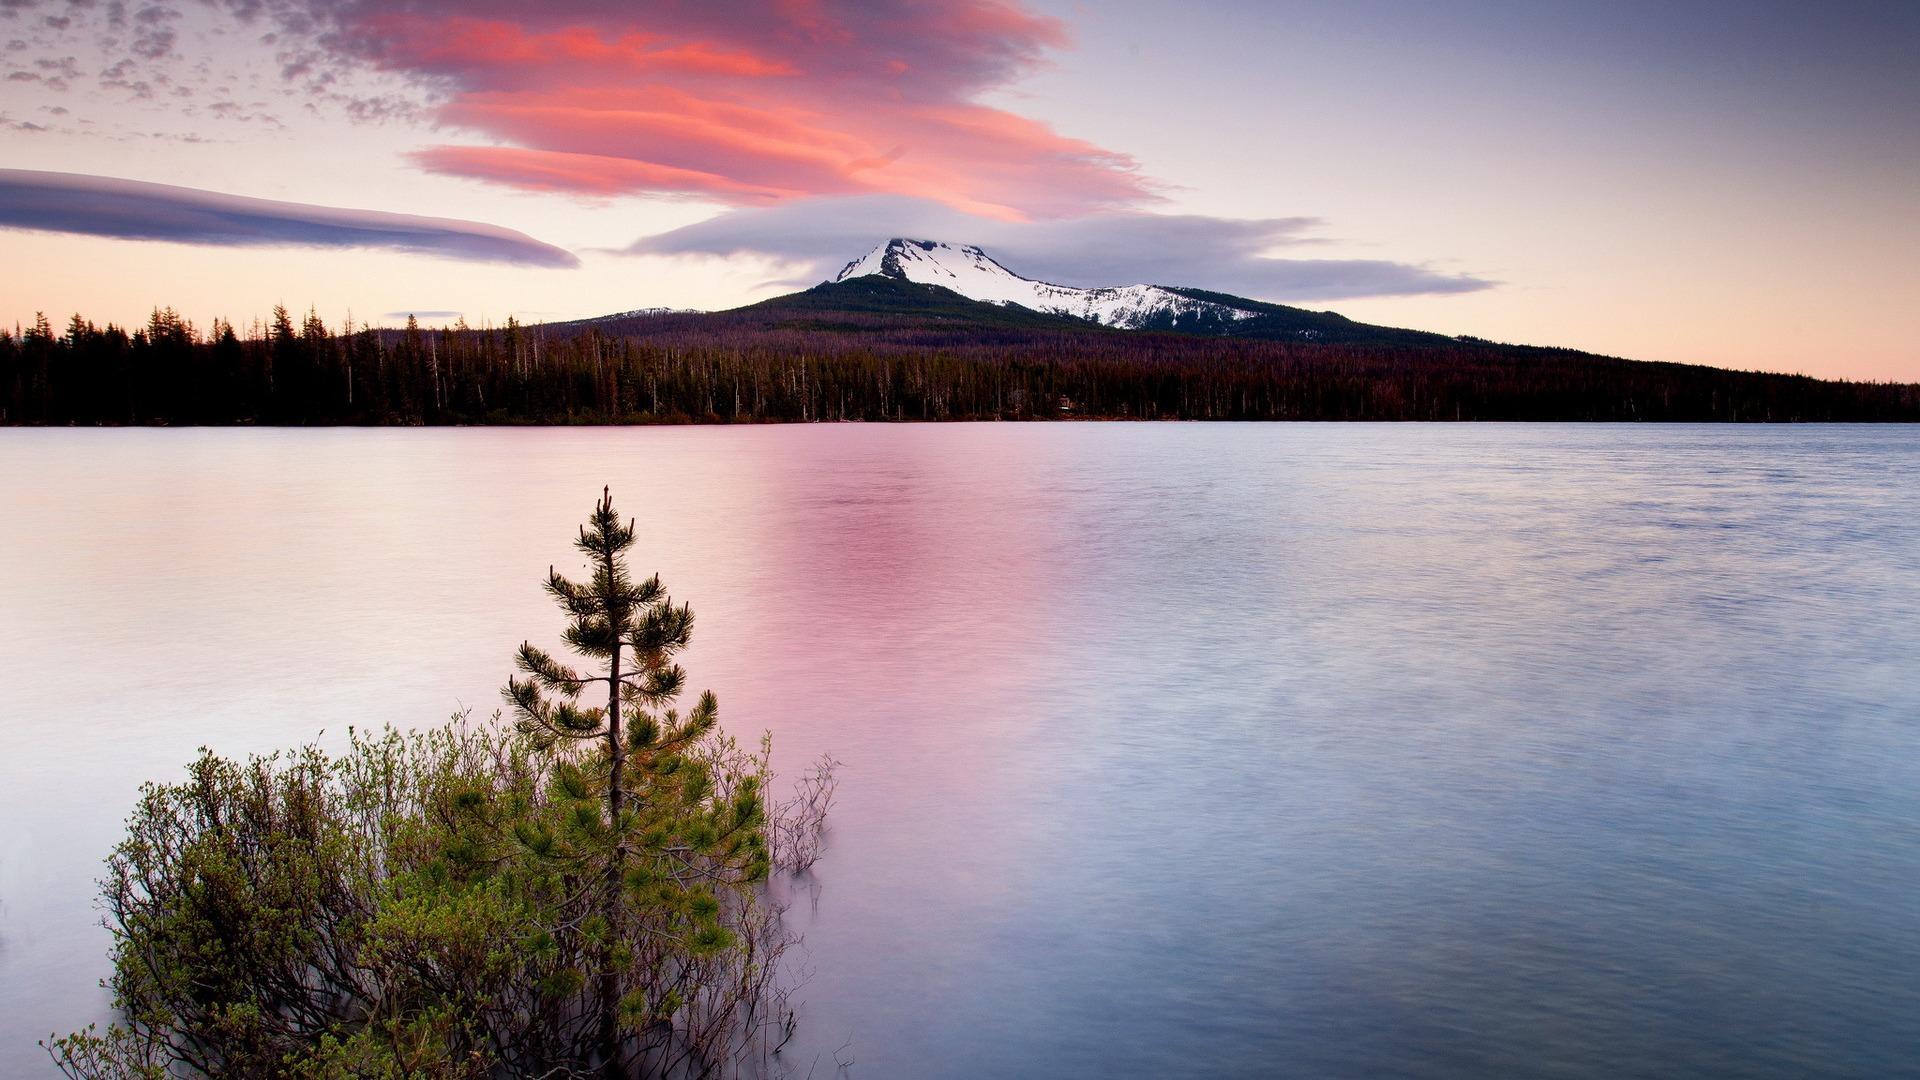 壮丽的自然风景图片高清宽屏桌面壁纸